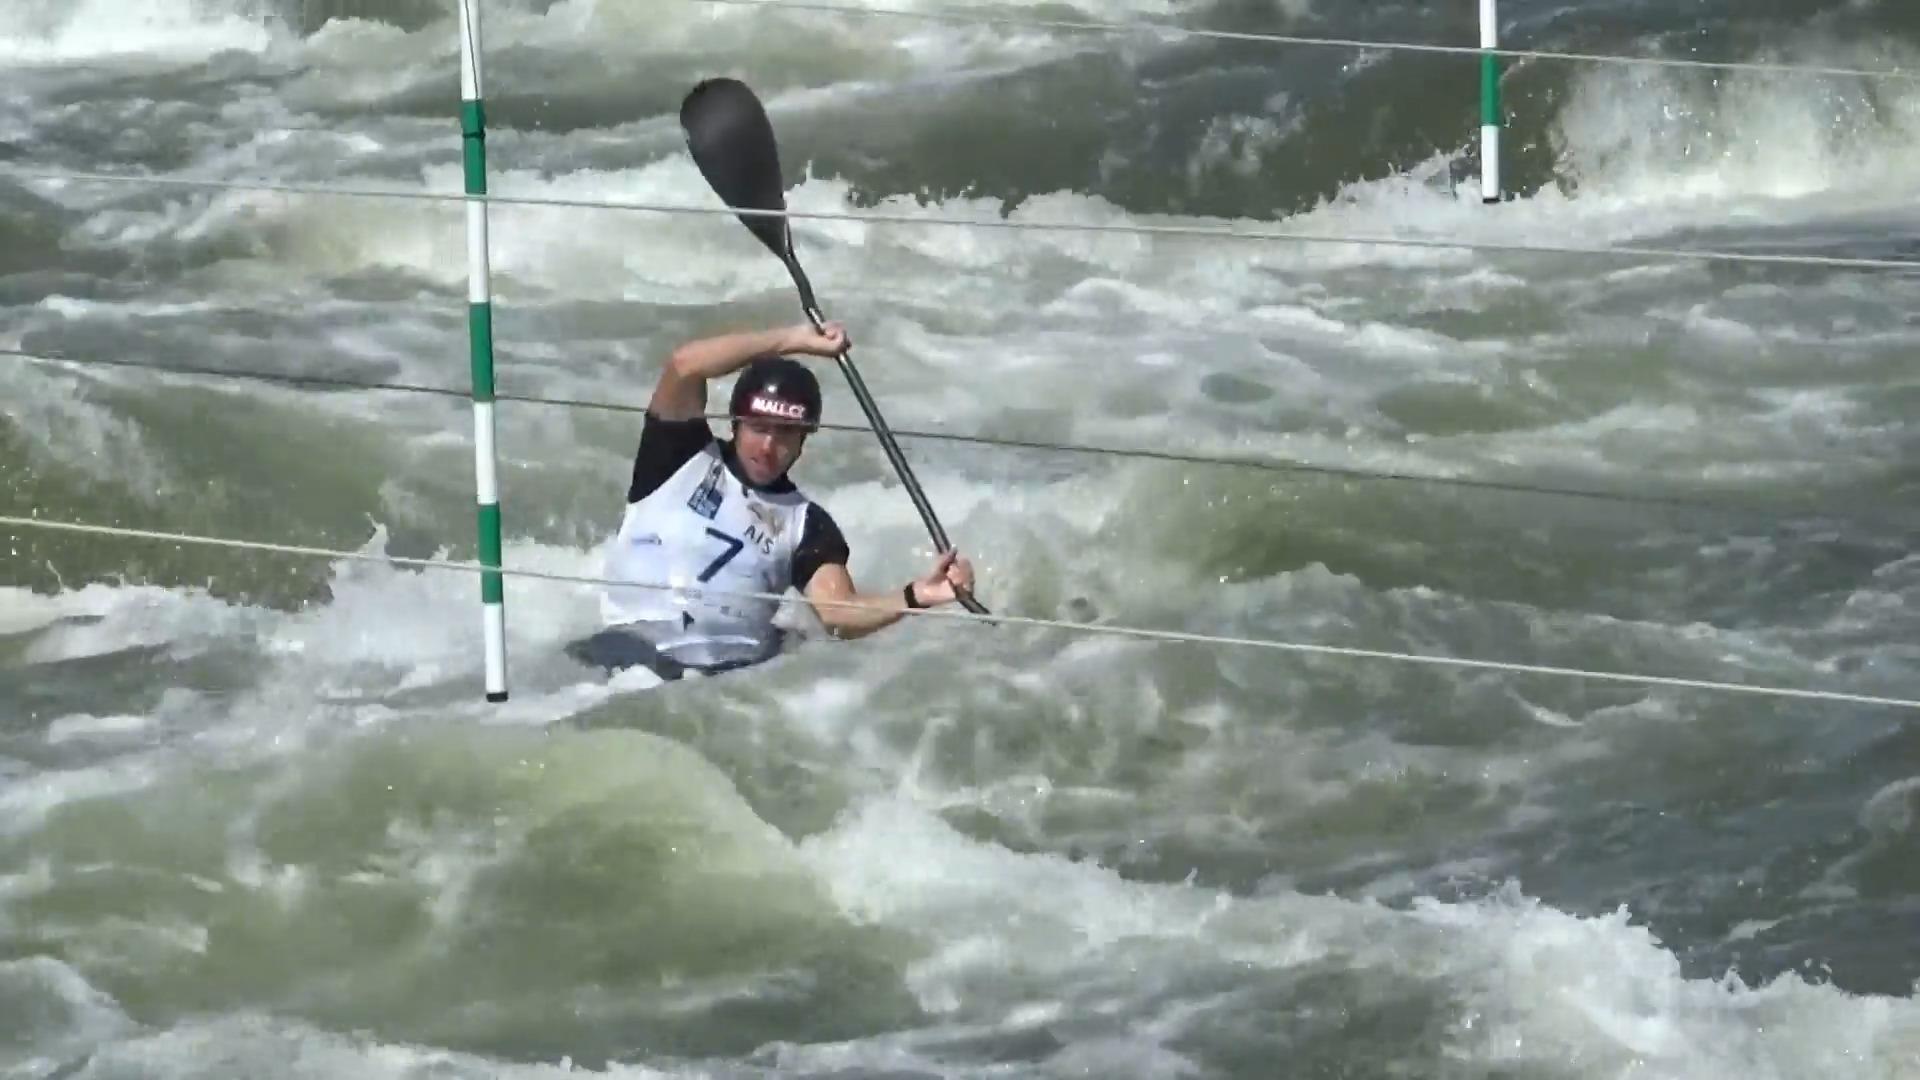 Prskavec s Hradilkem postoupili v Penrithu z kvalifikace, dařilo se i dalším vodním slalomářům